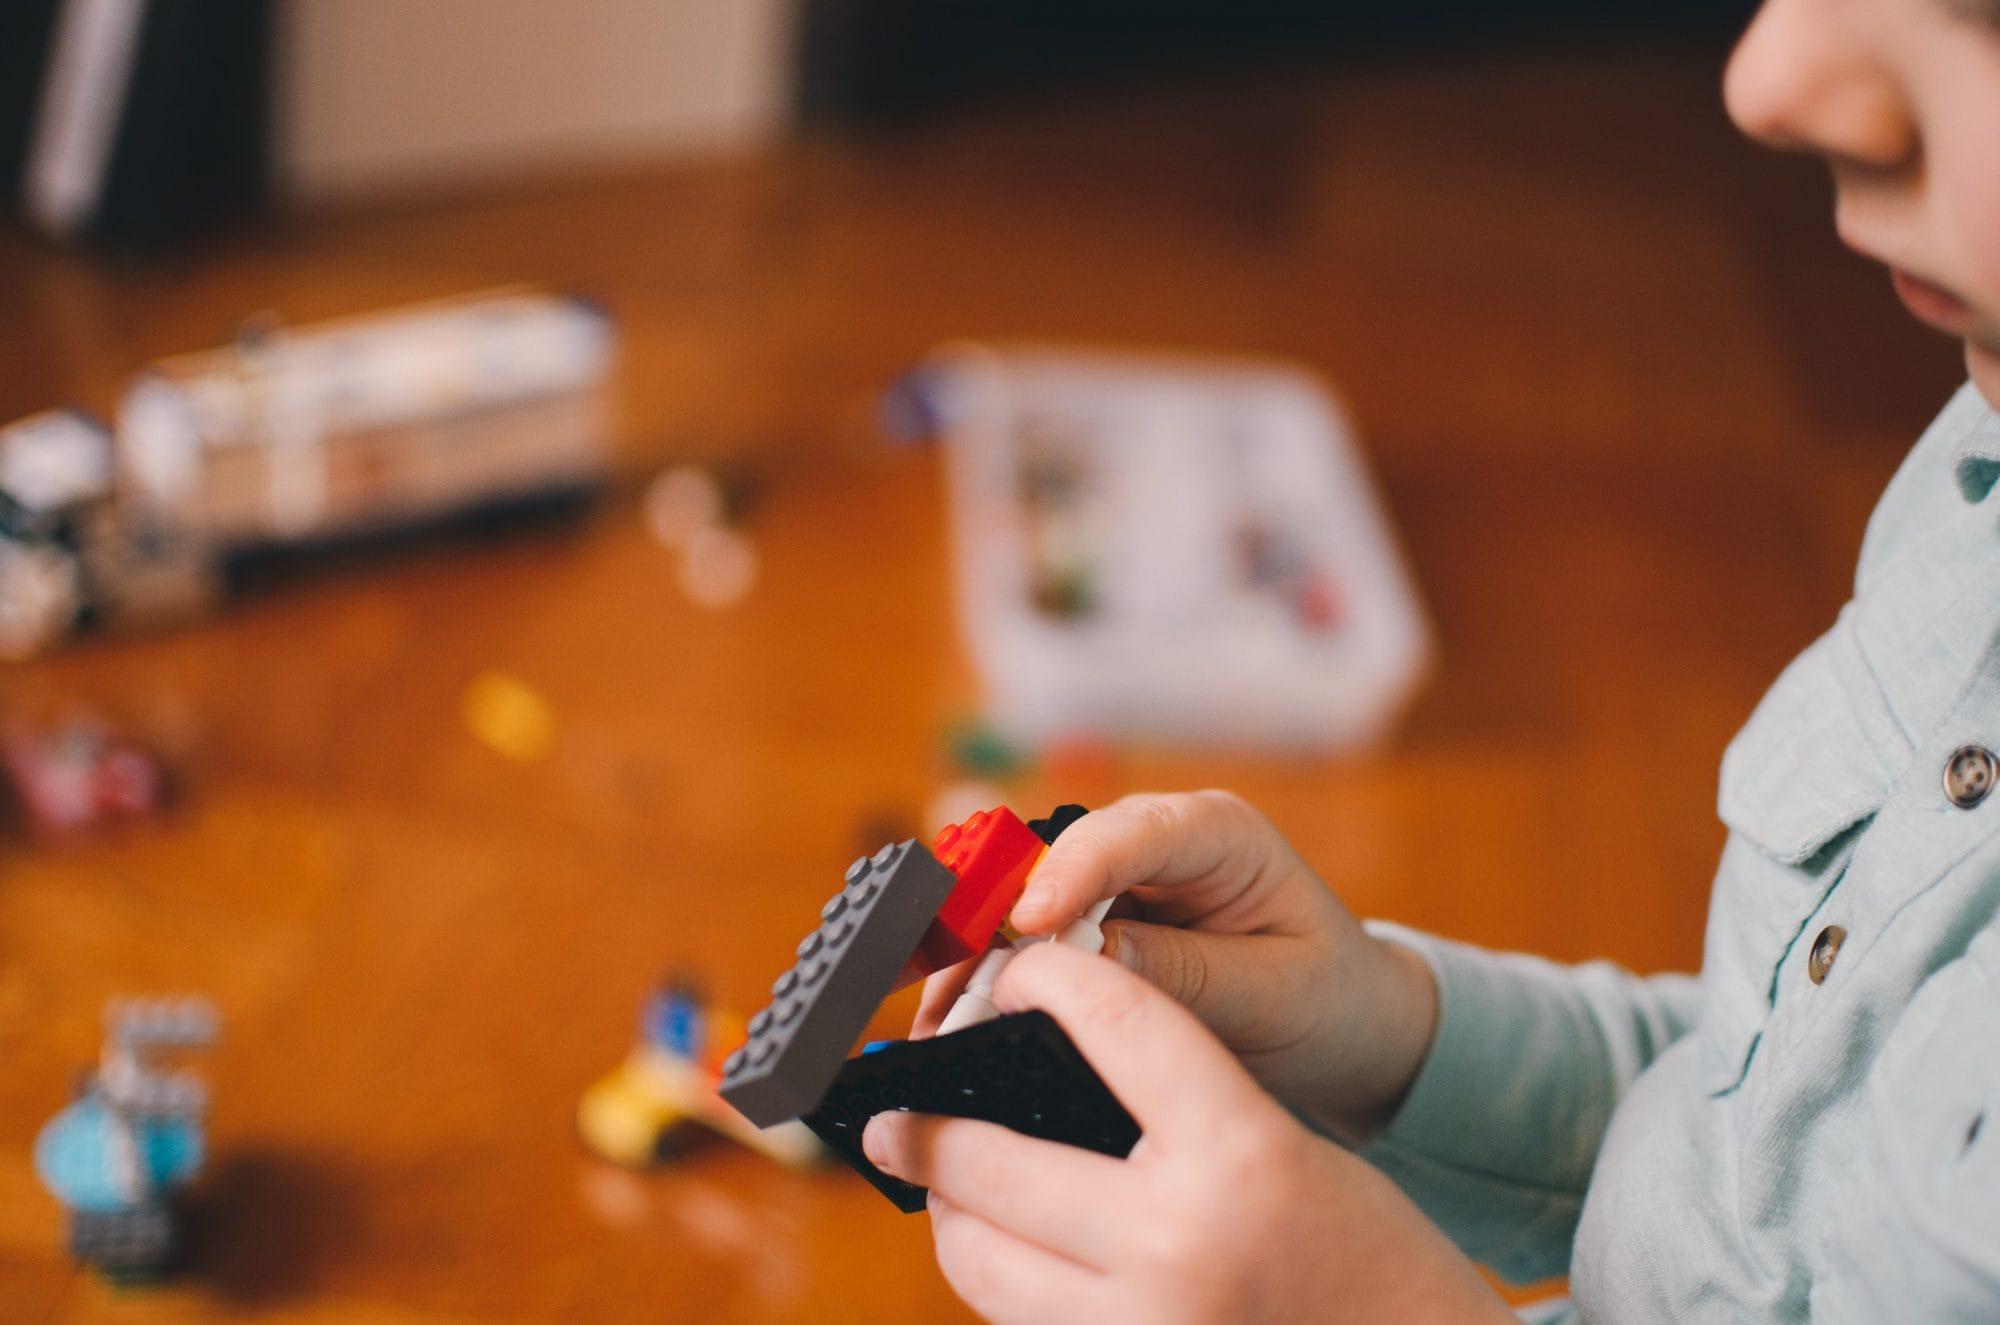 El Desarrollo Social En Niños De 0 A 3 Años Fp Online